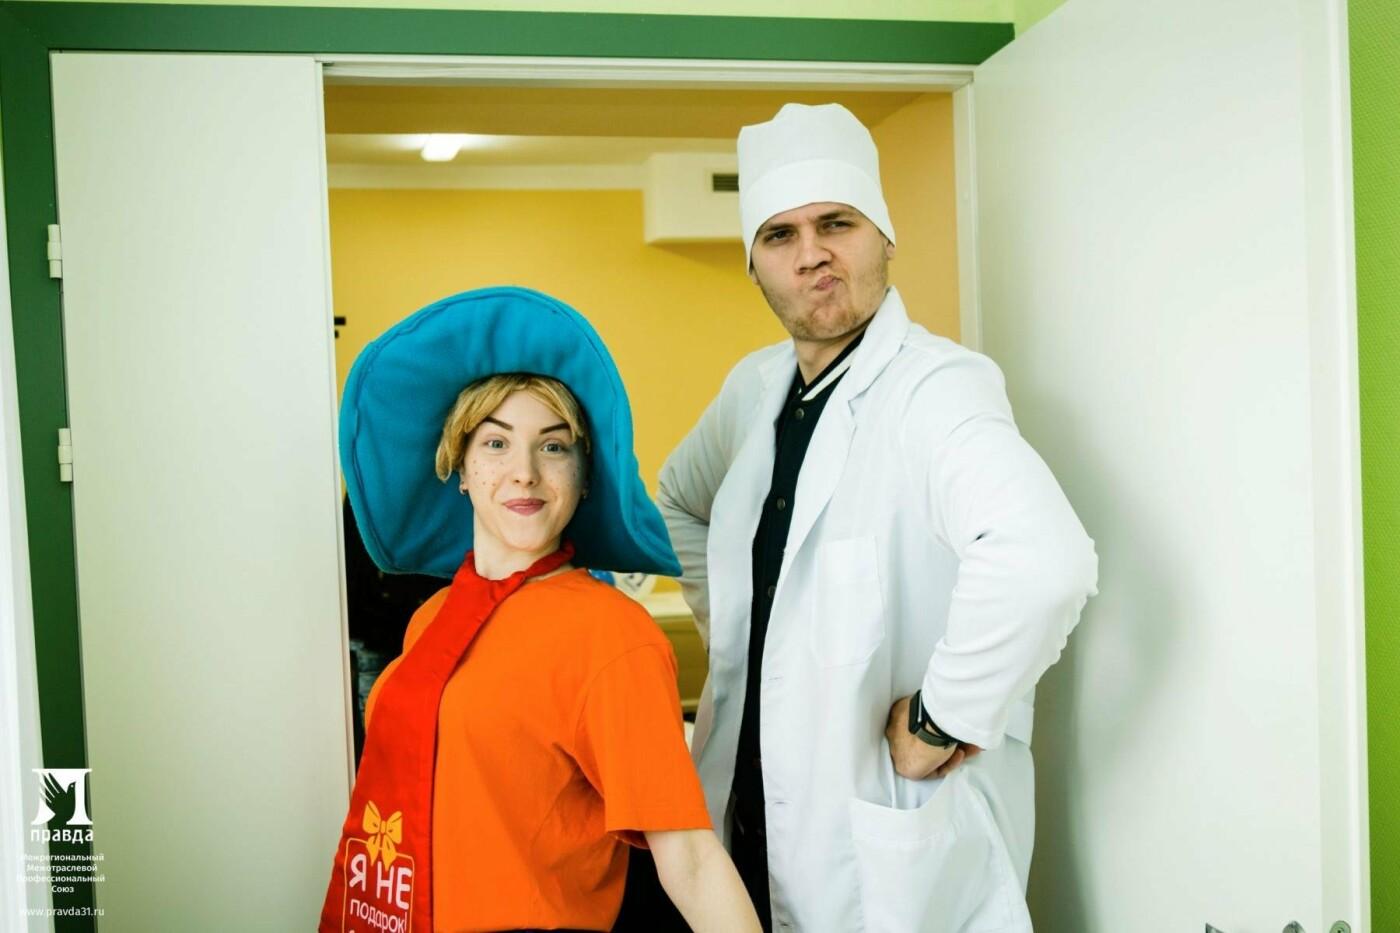 Профсоюз «Правда» подарил новый зал лечебной физкультуры пациентам детской областной клинической больницы, фото-8